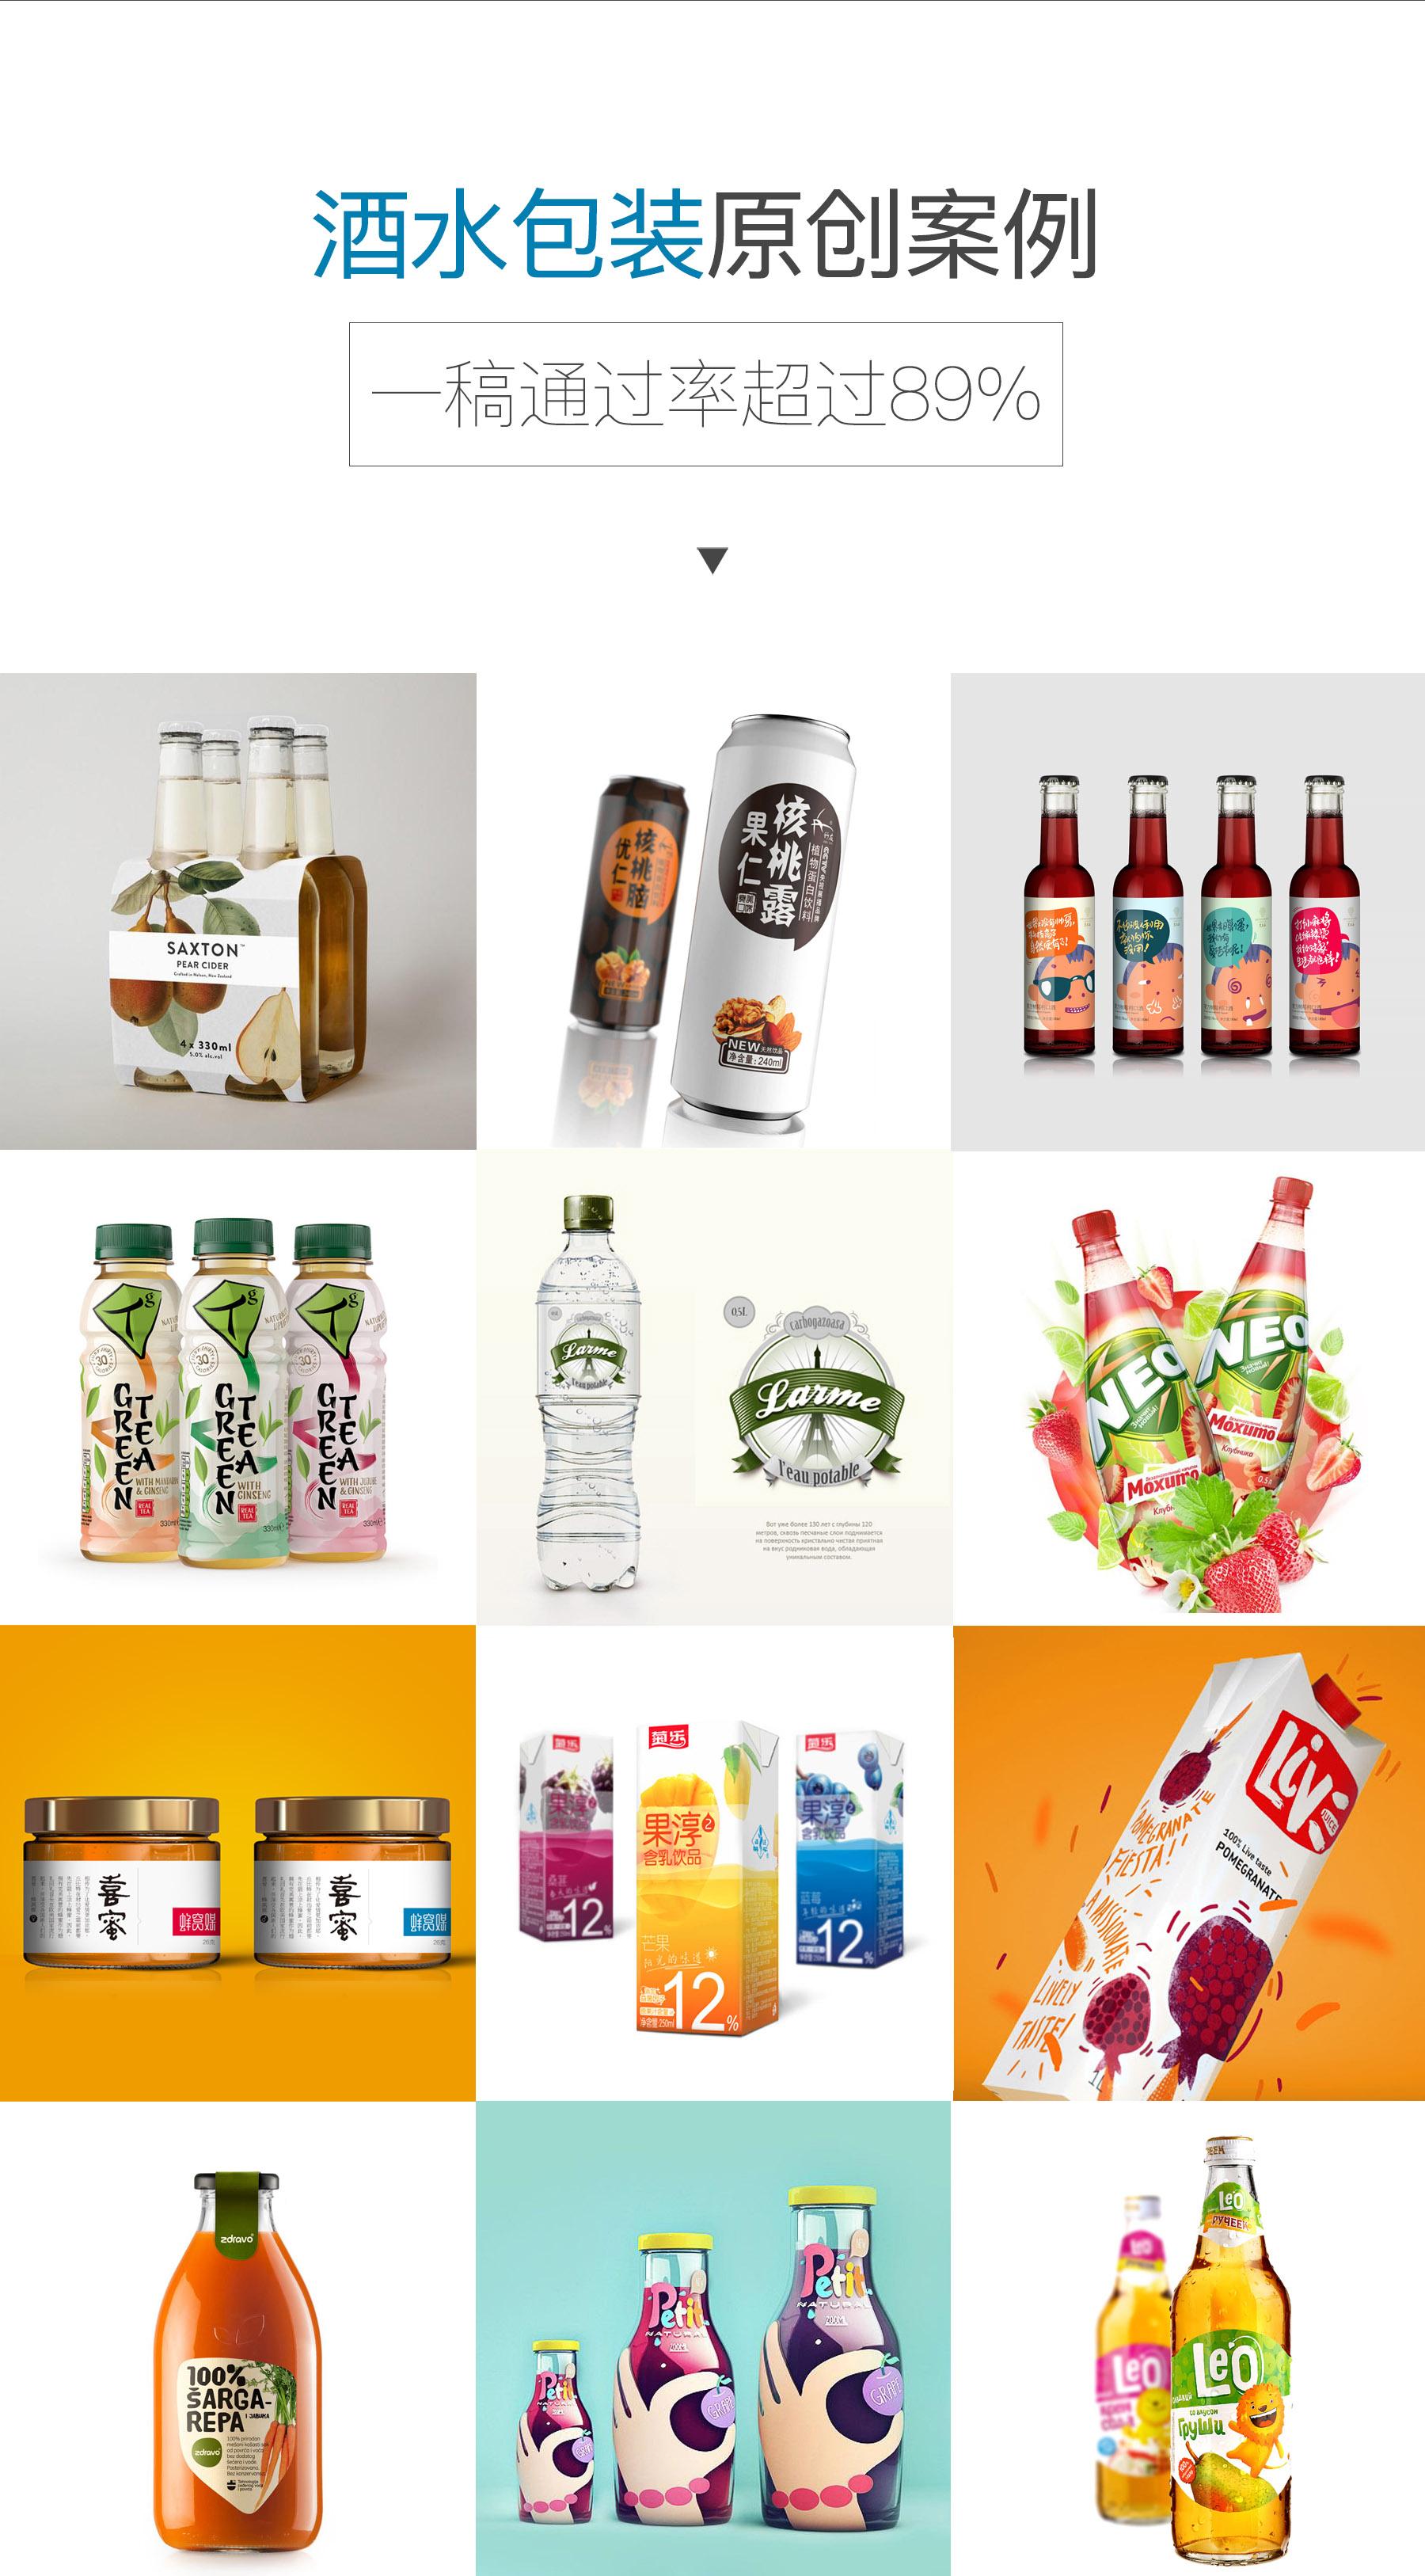 包装设计_【包装】食品酒水茶饮料红酒保健品农产品礼盒母婴原创包装设计11